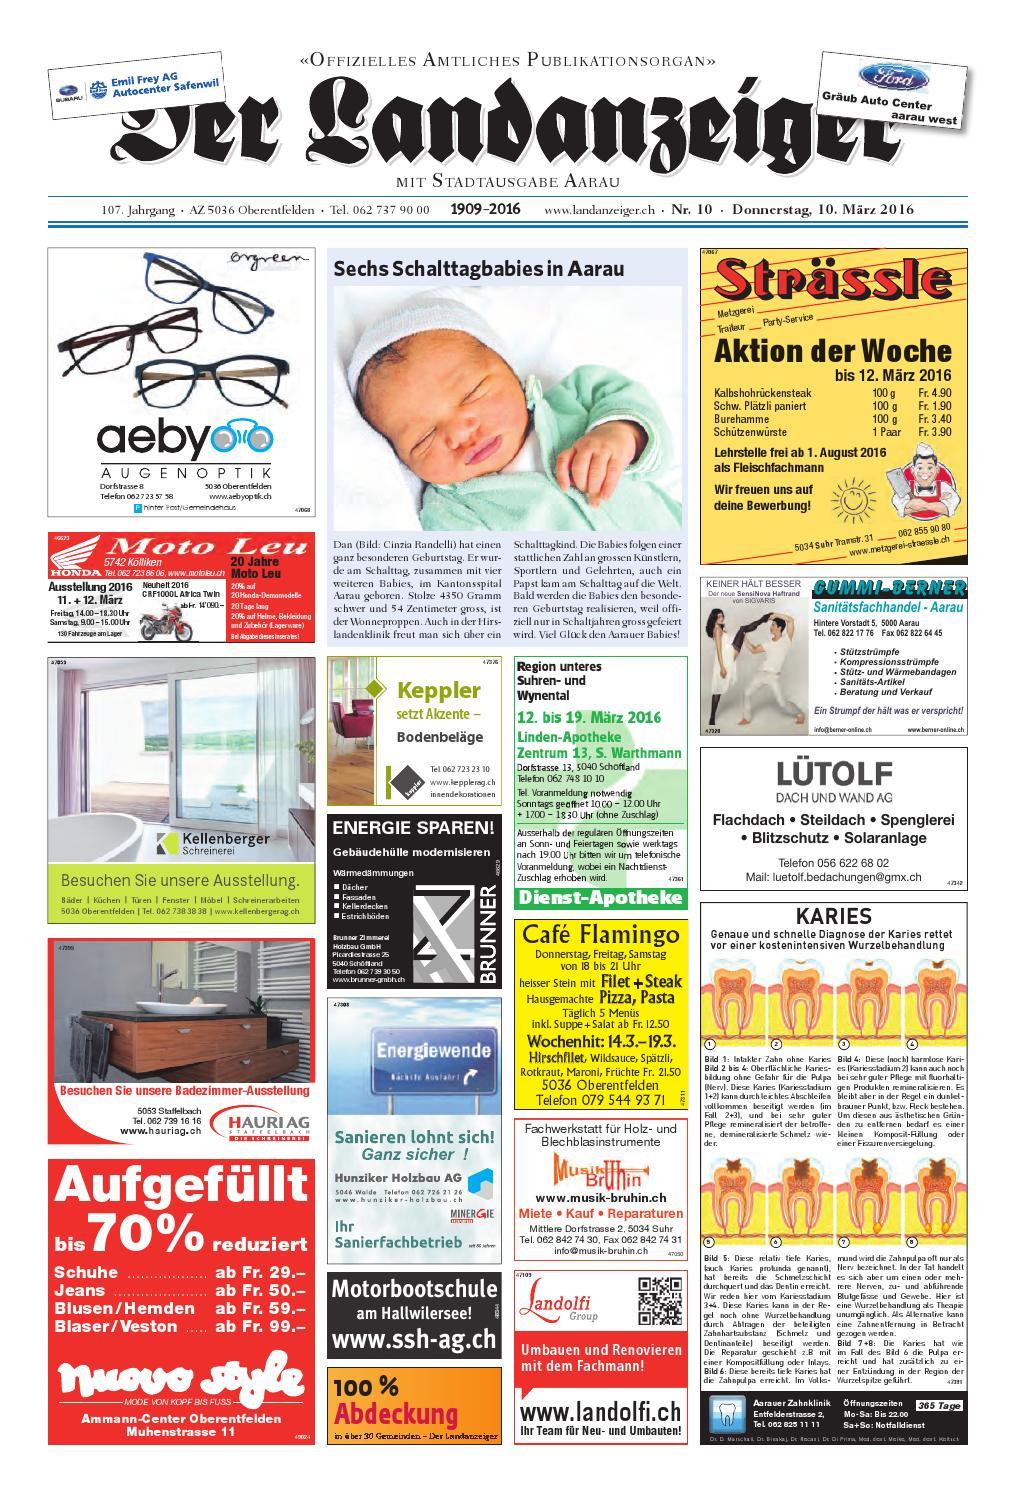 Der Landanzeiger 10/16 by ZT Medien AG - issuu